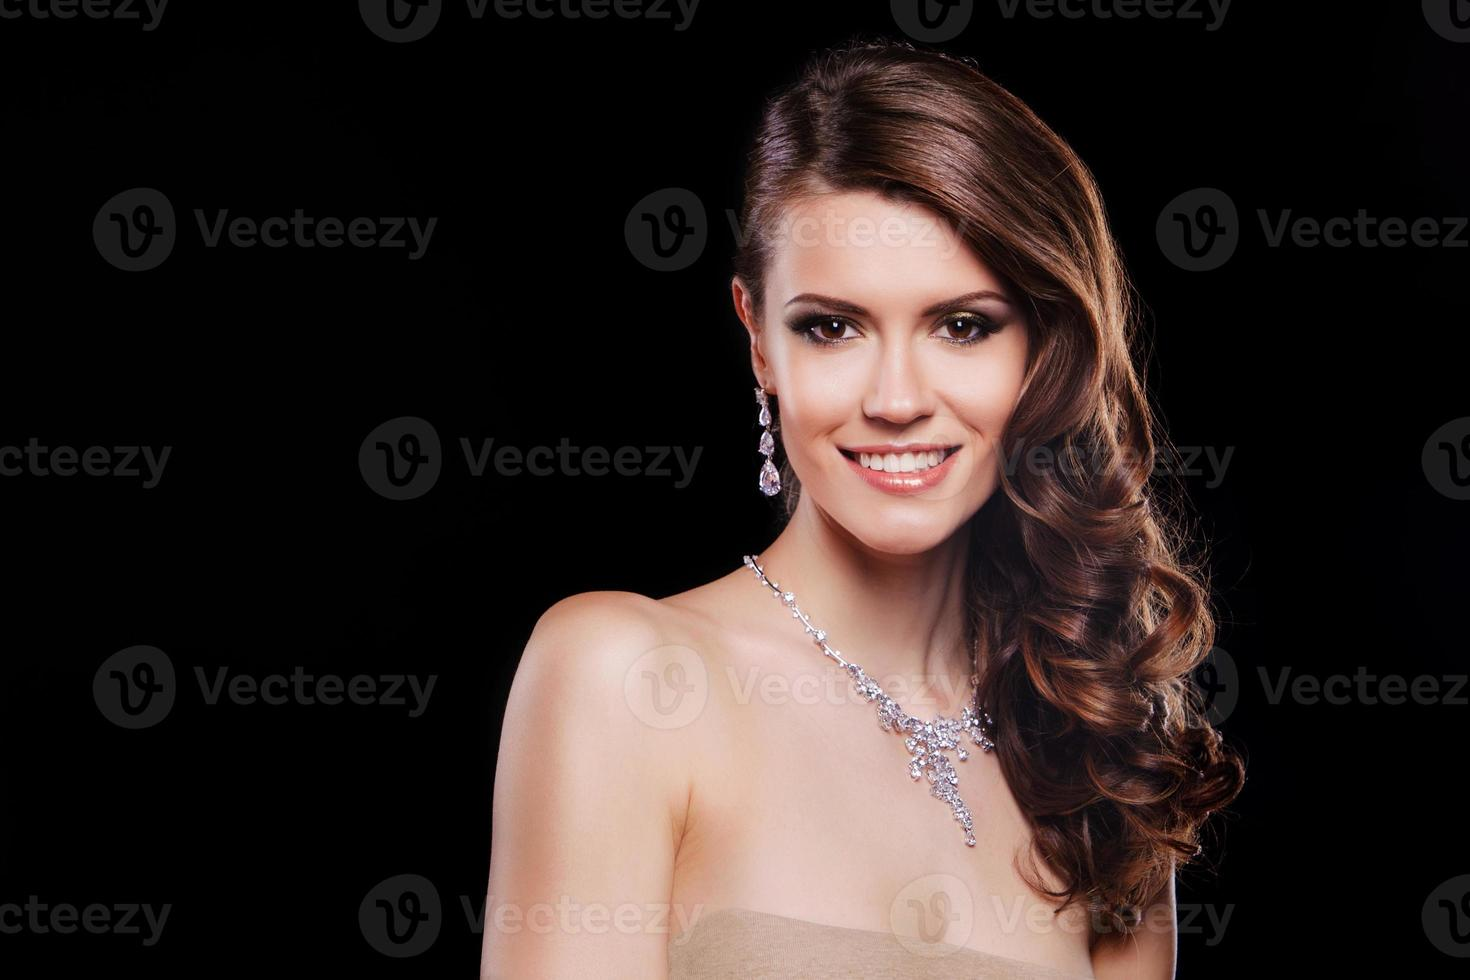 hermosa mujer sonriente con accesorios de lujo. maquillaje perfecto foto